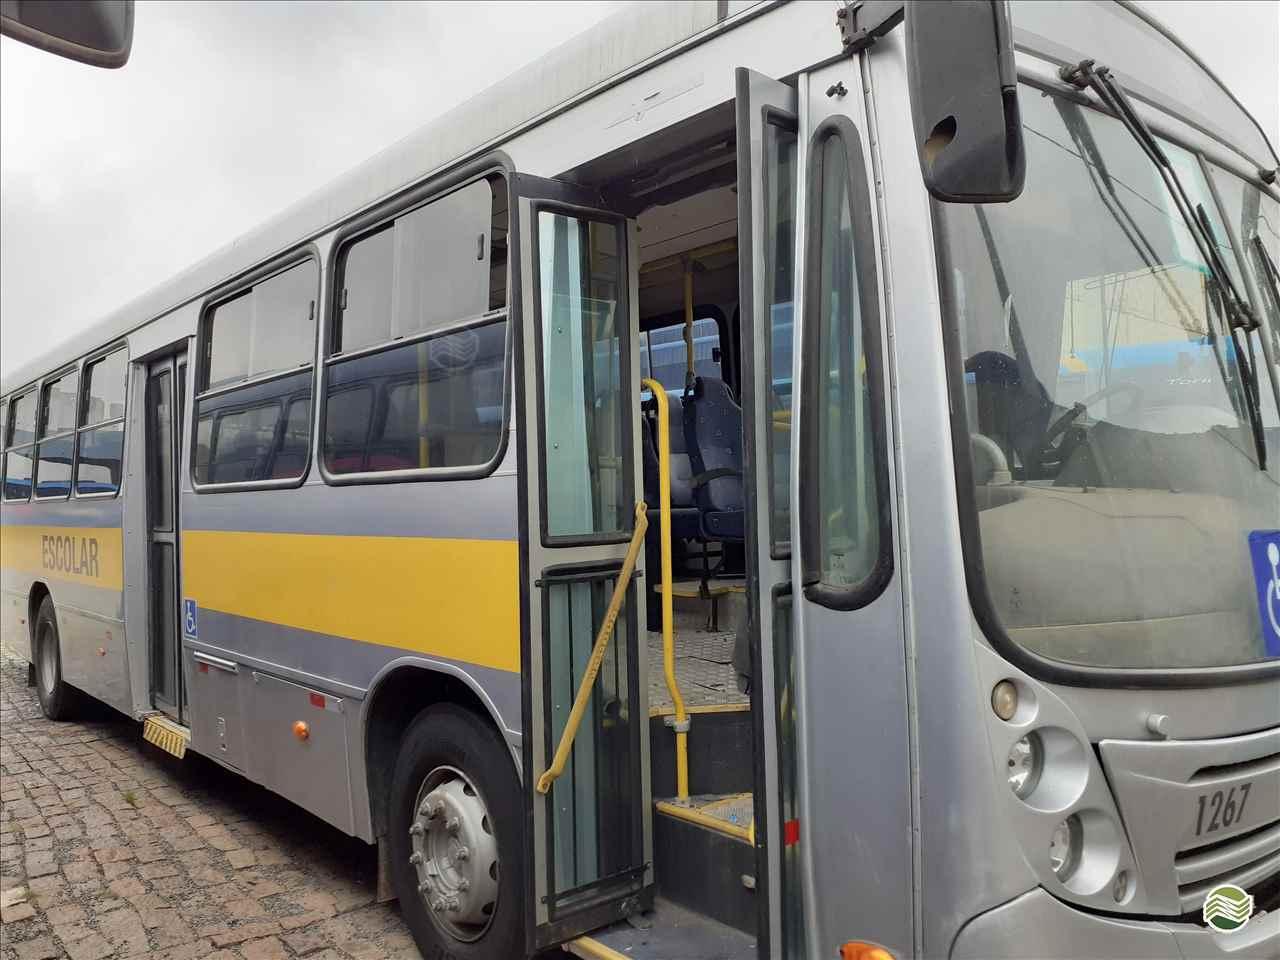 ONIBUS NEOBUS Mega Tração 4x2 Sumaré Máquinas e Veículos SUMARE SÃO PAULO SP